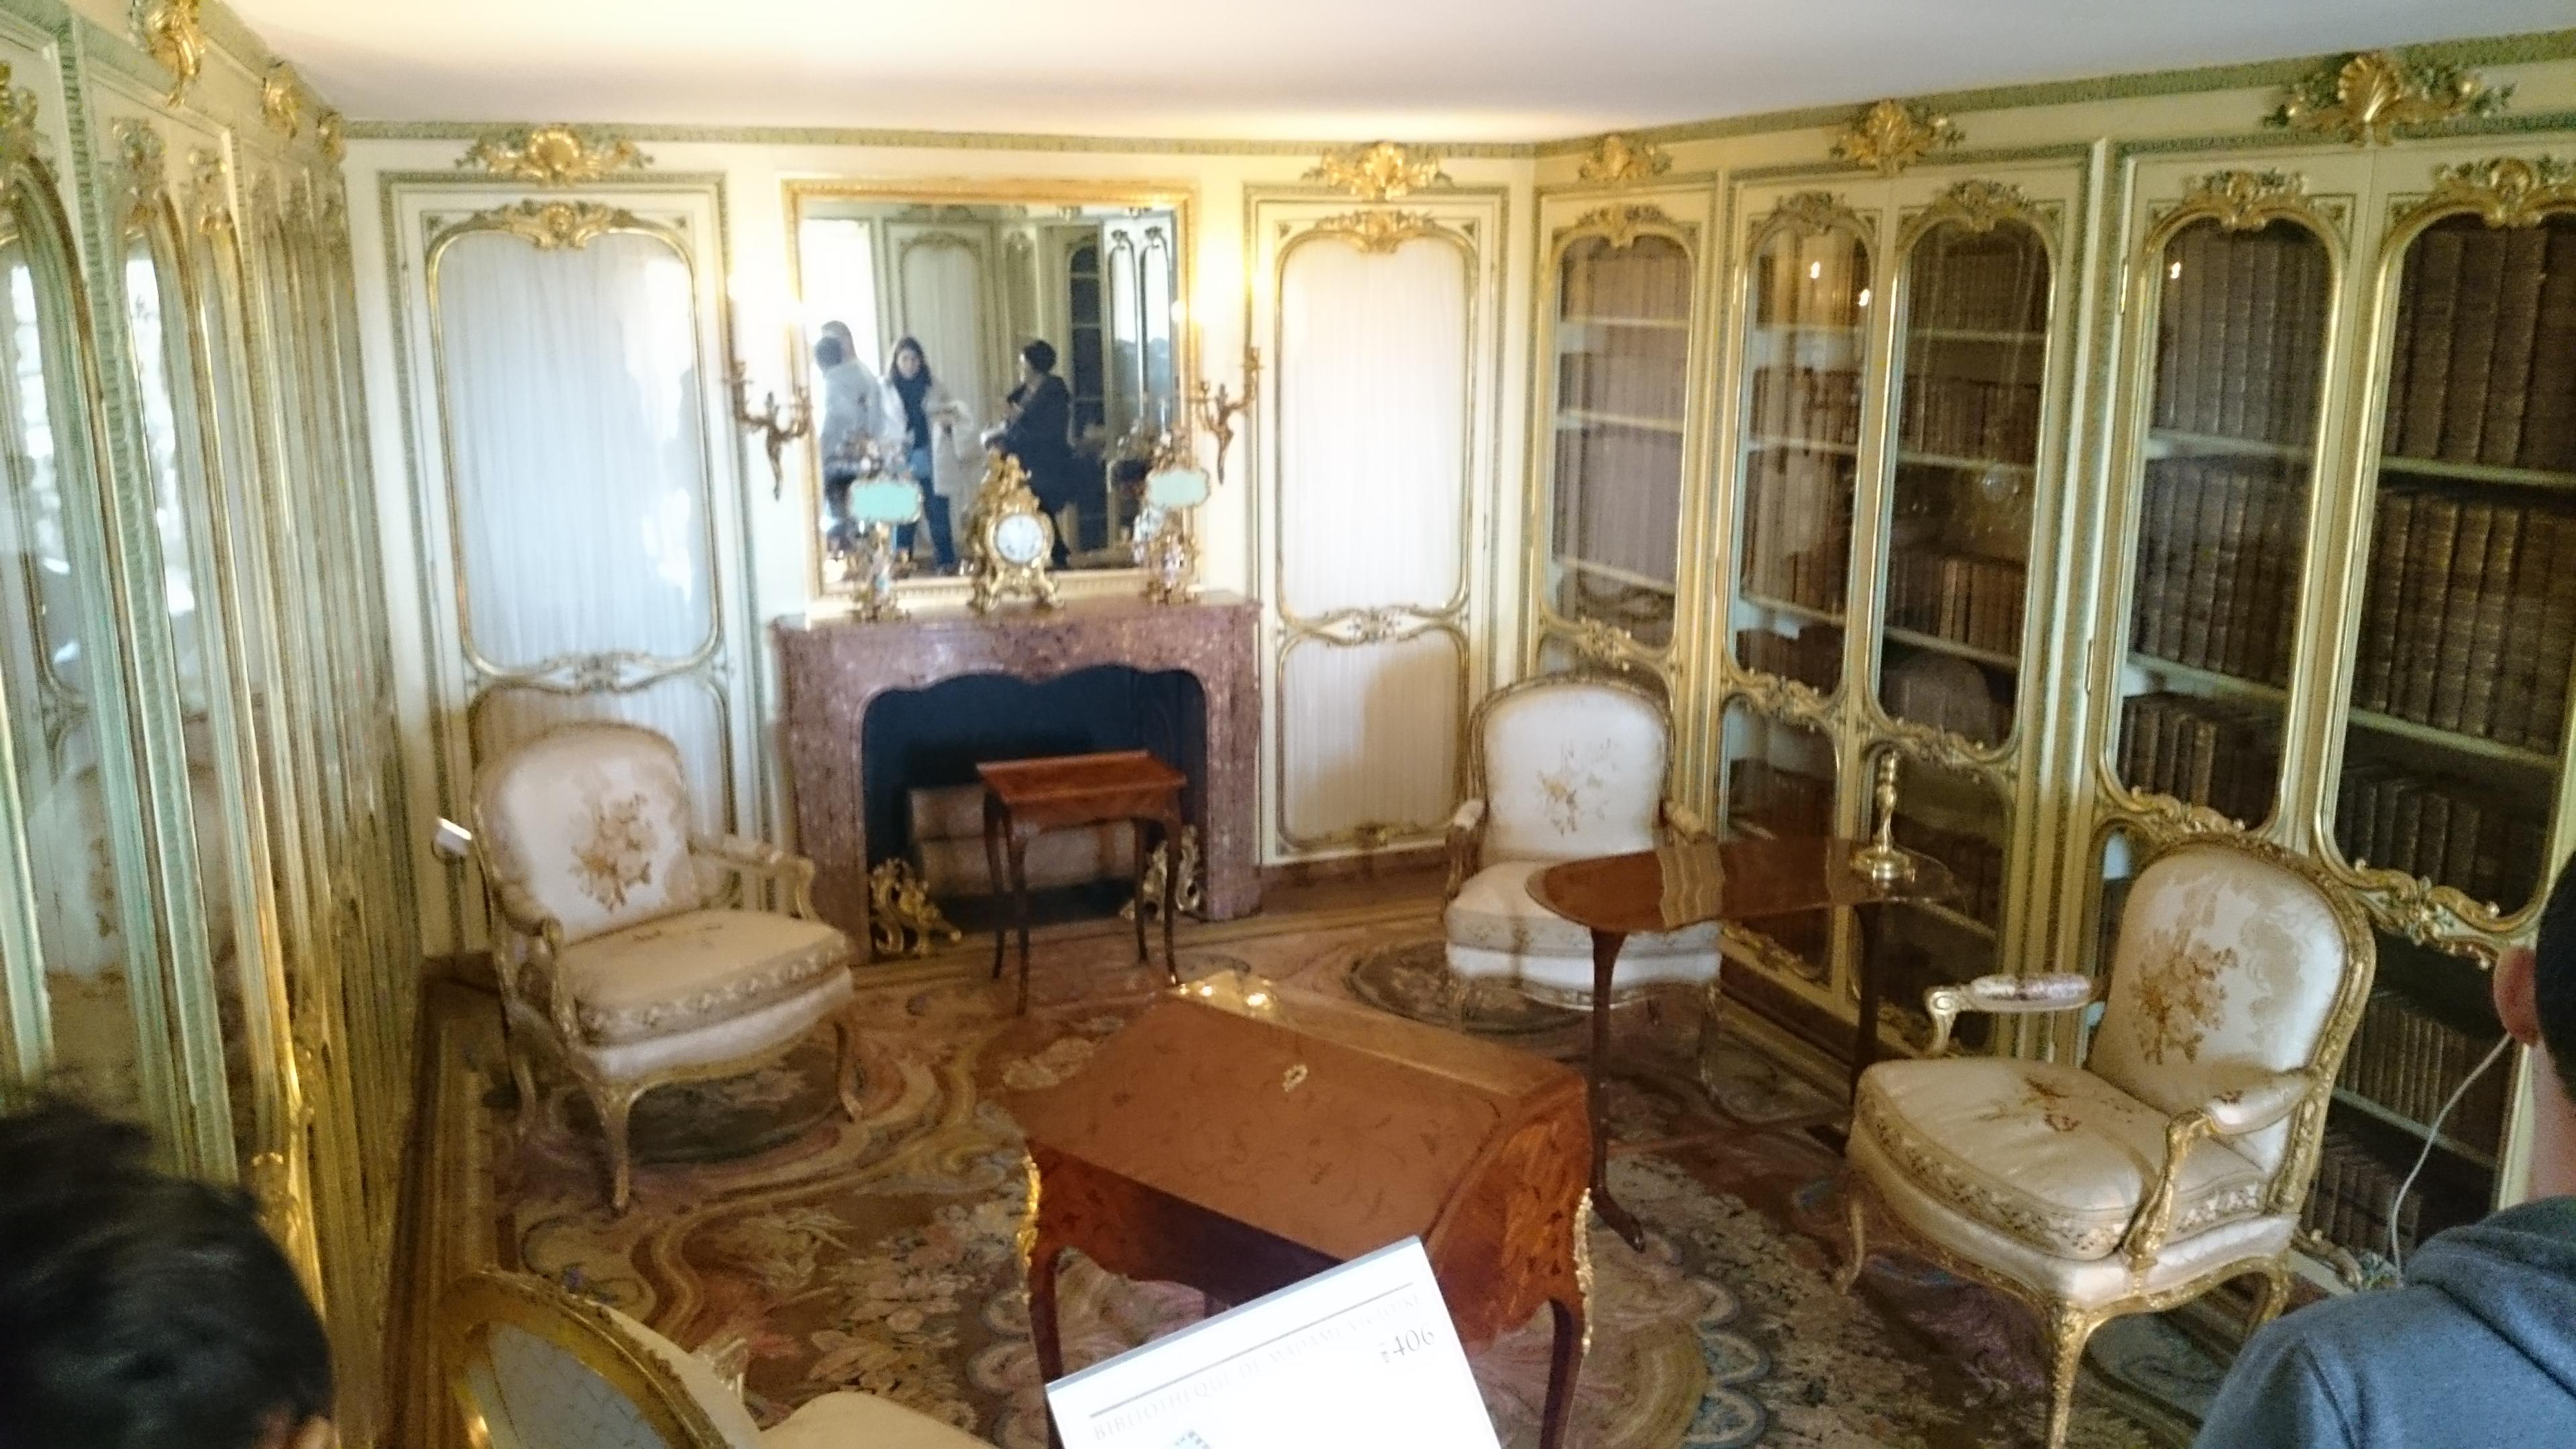 dsc 14241 - Visita al Palacio de Versalles: Como ir, cuanto cuesta y tips III/III